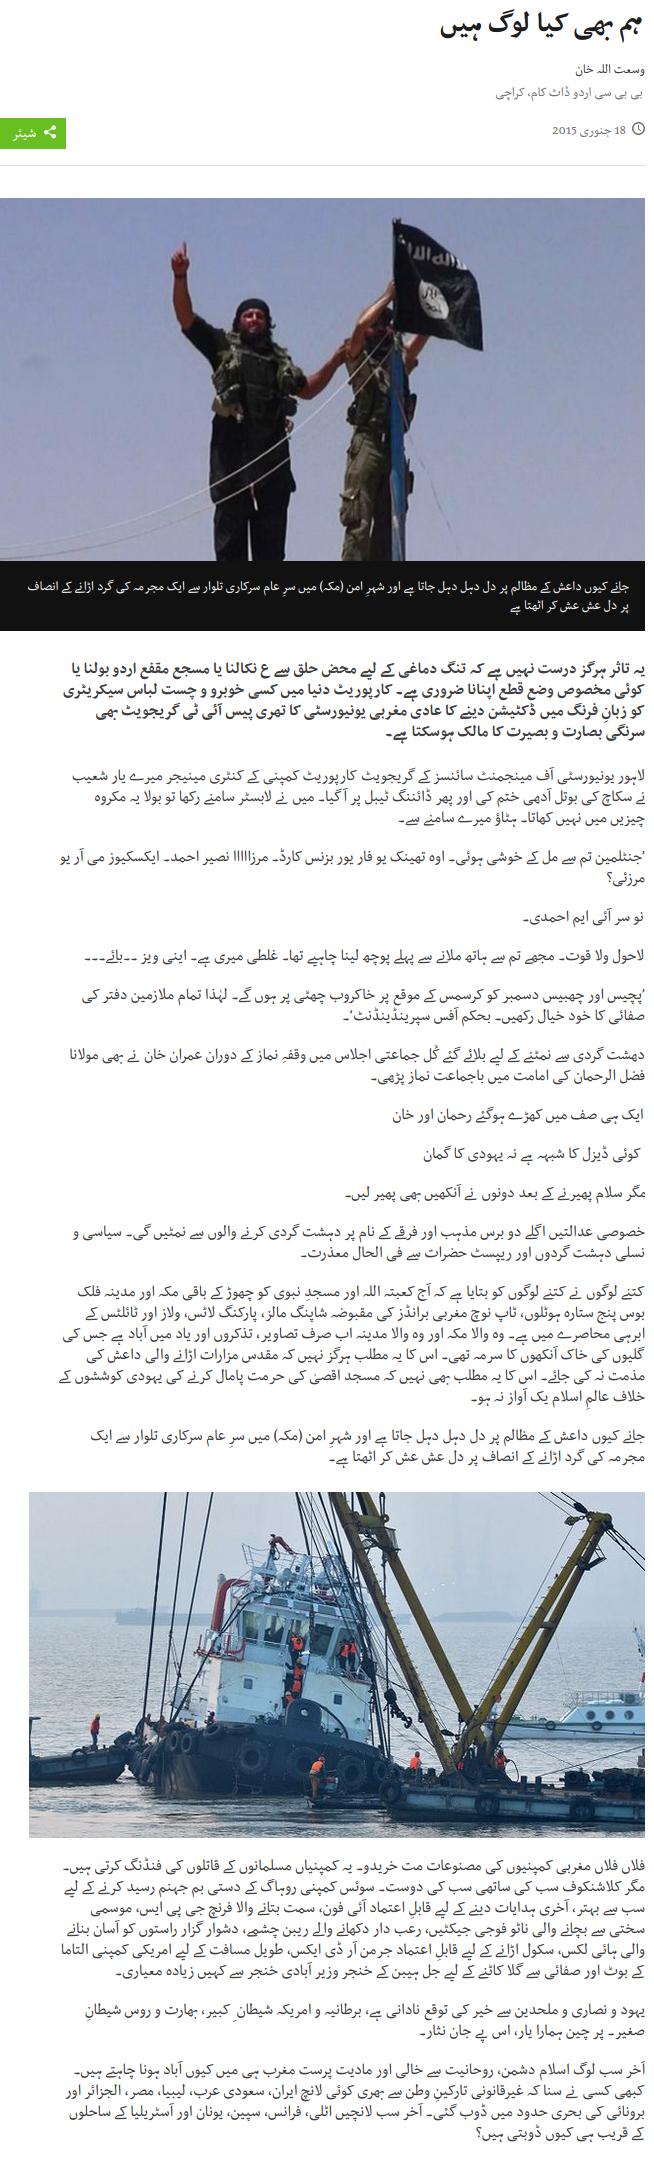 Hum Bhi Kia Log Hen? Wusatullah Khan Pakfunny.com